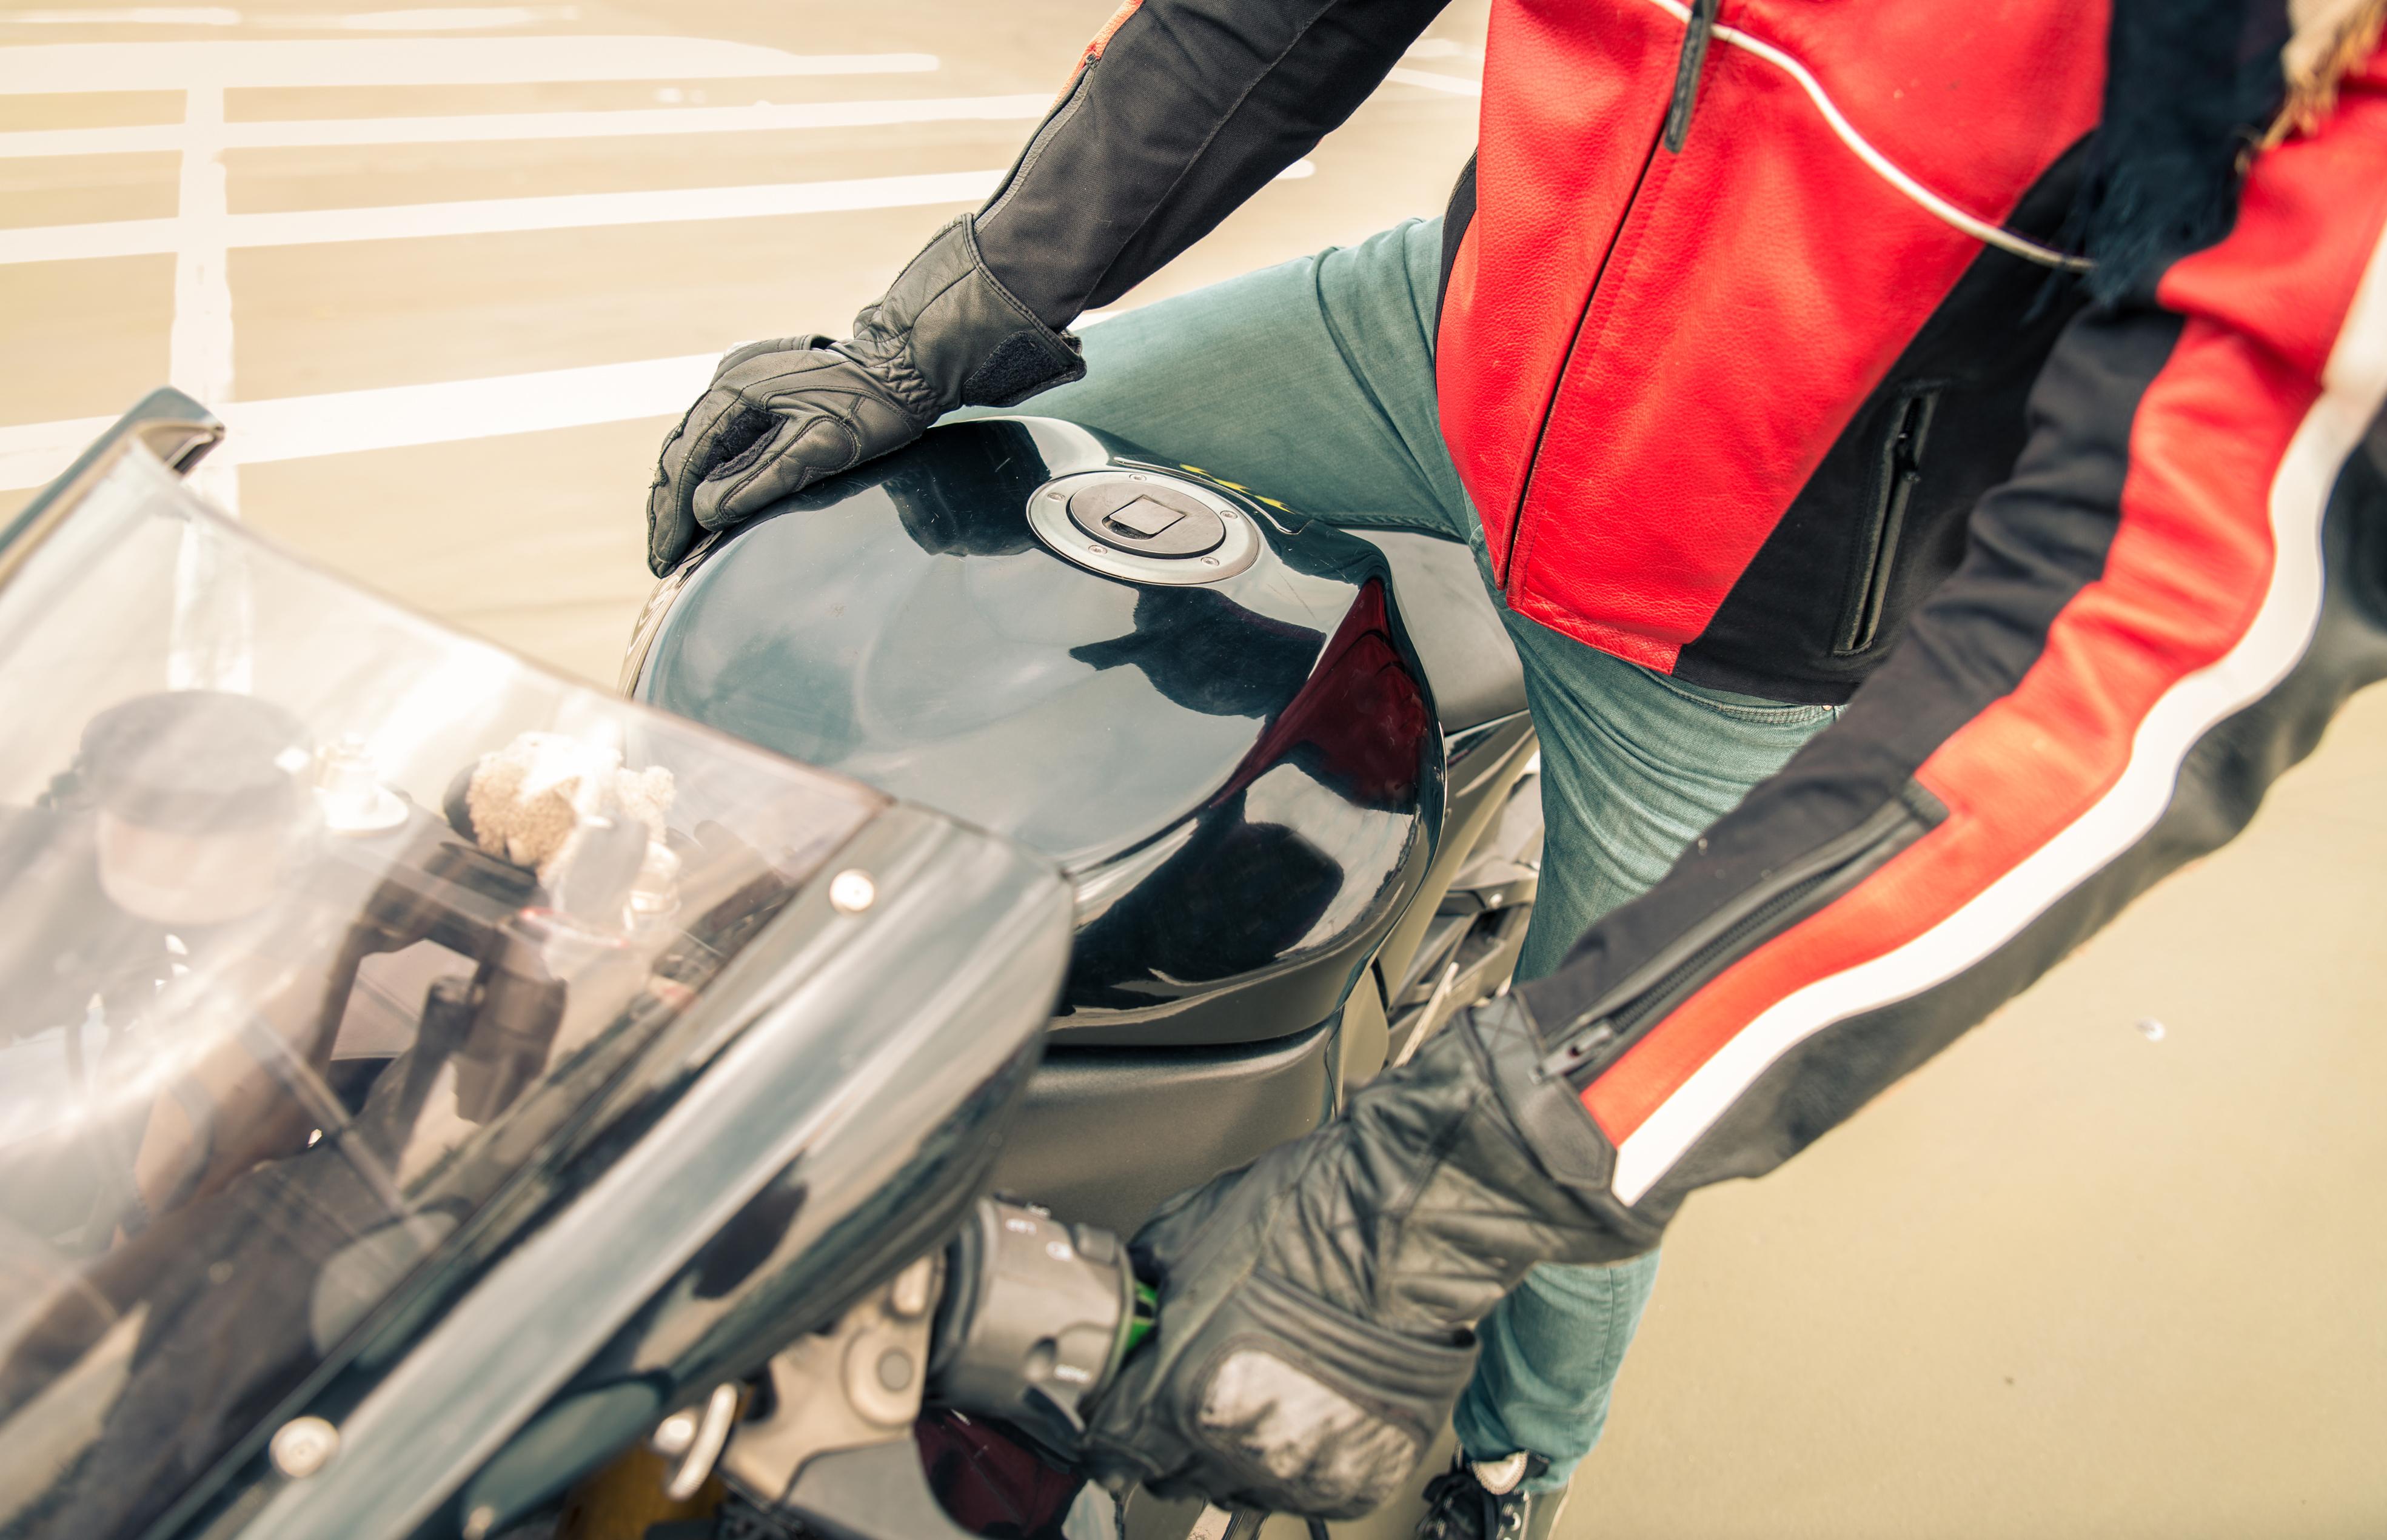 Co dělat, když motorka nestartuje